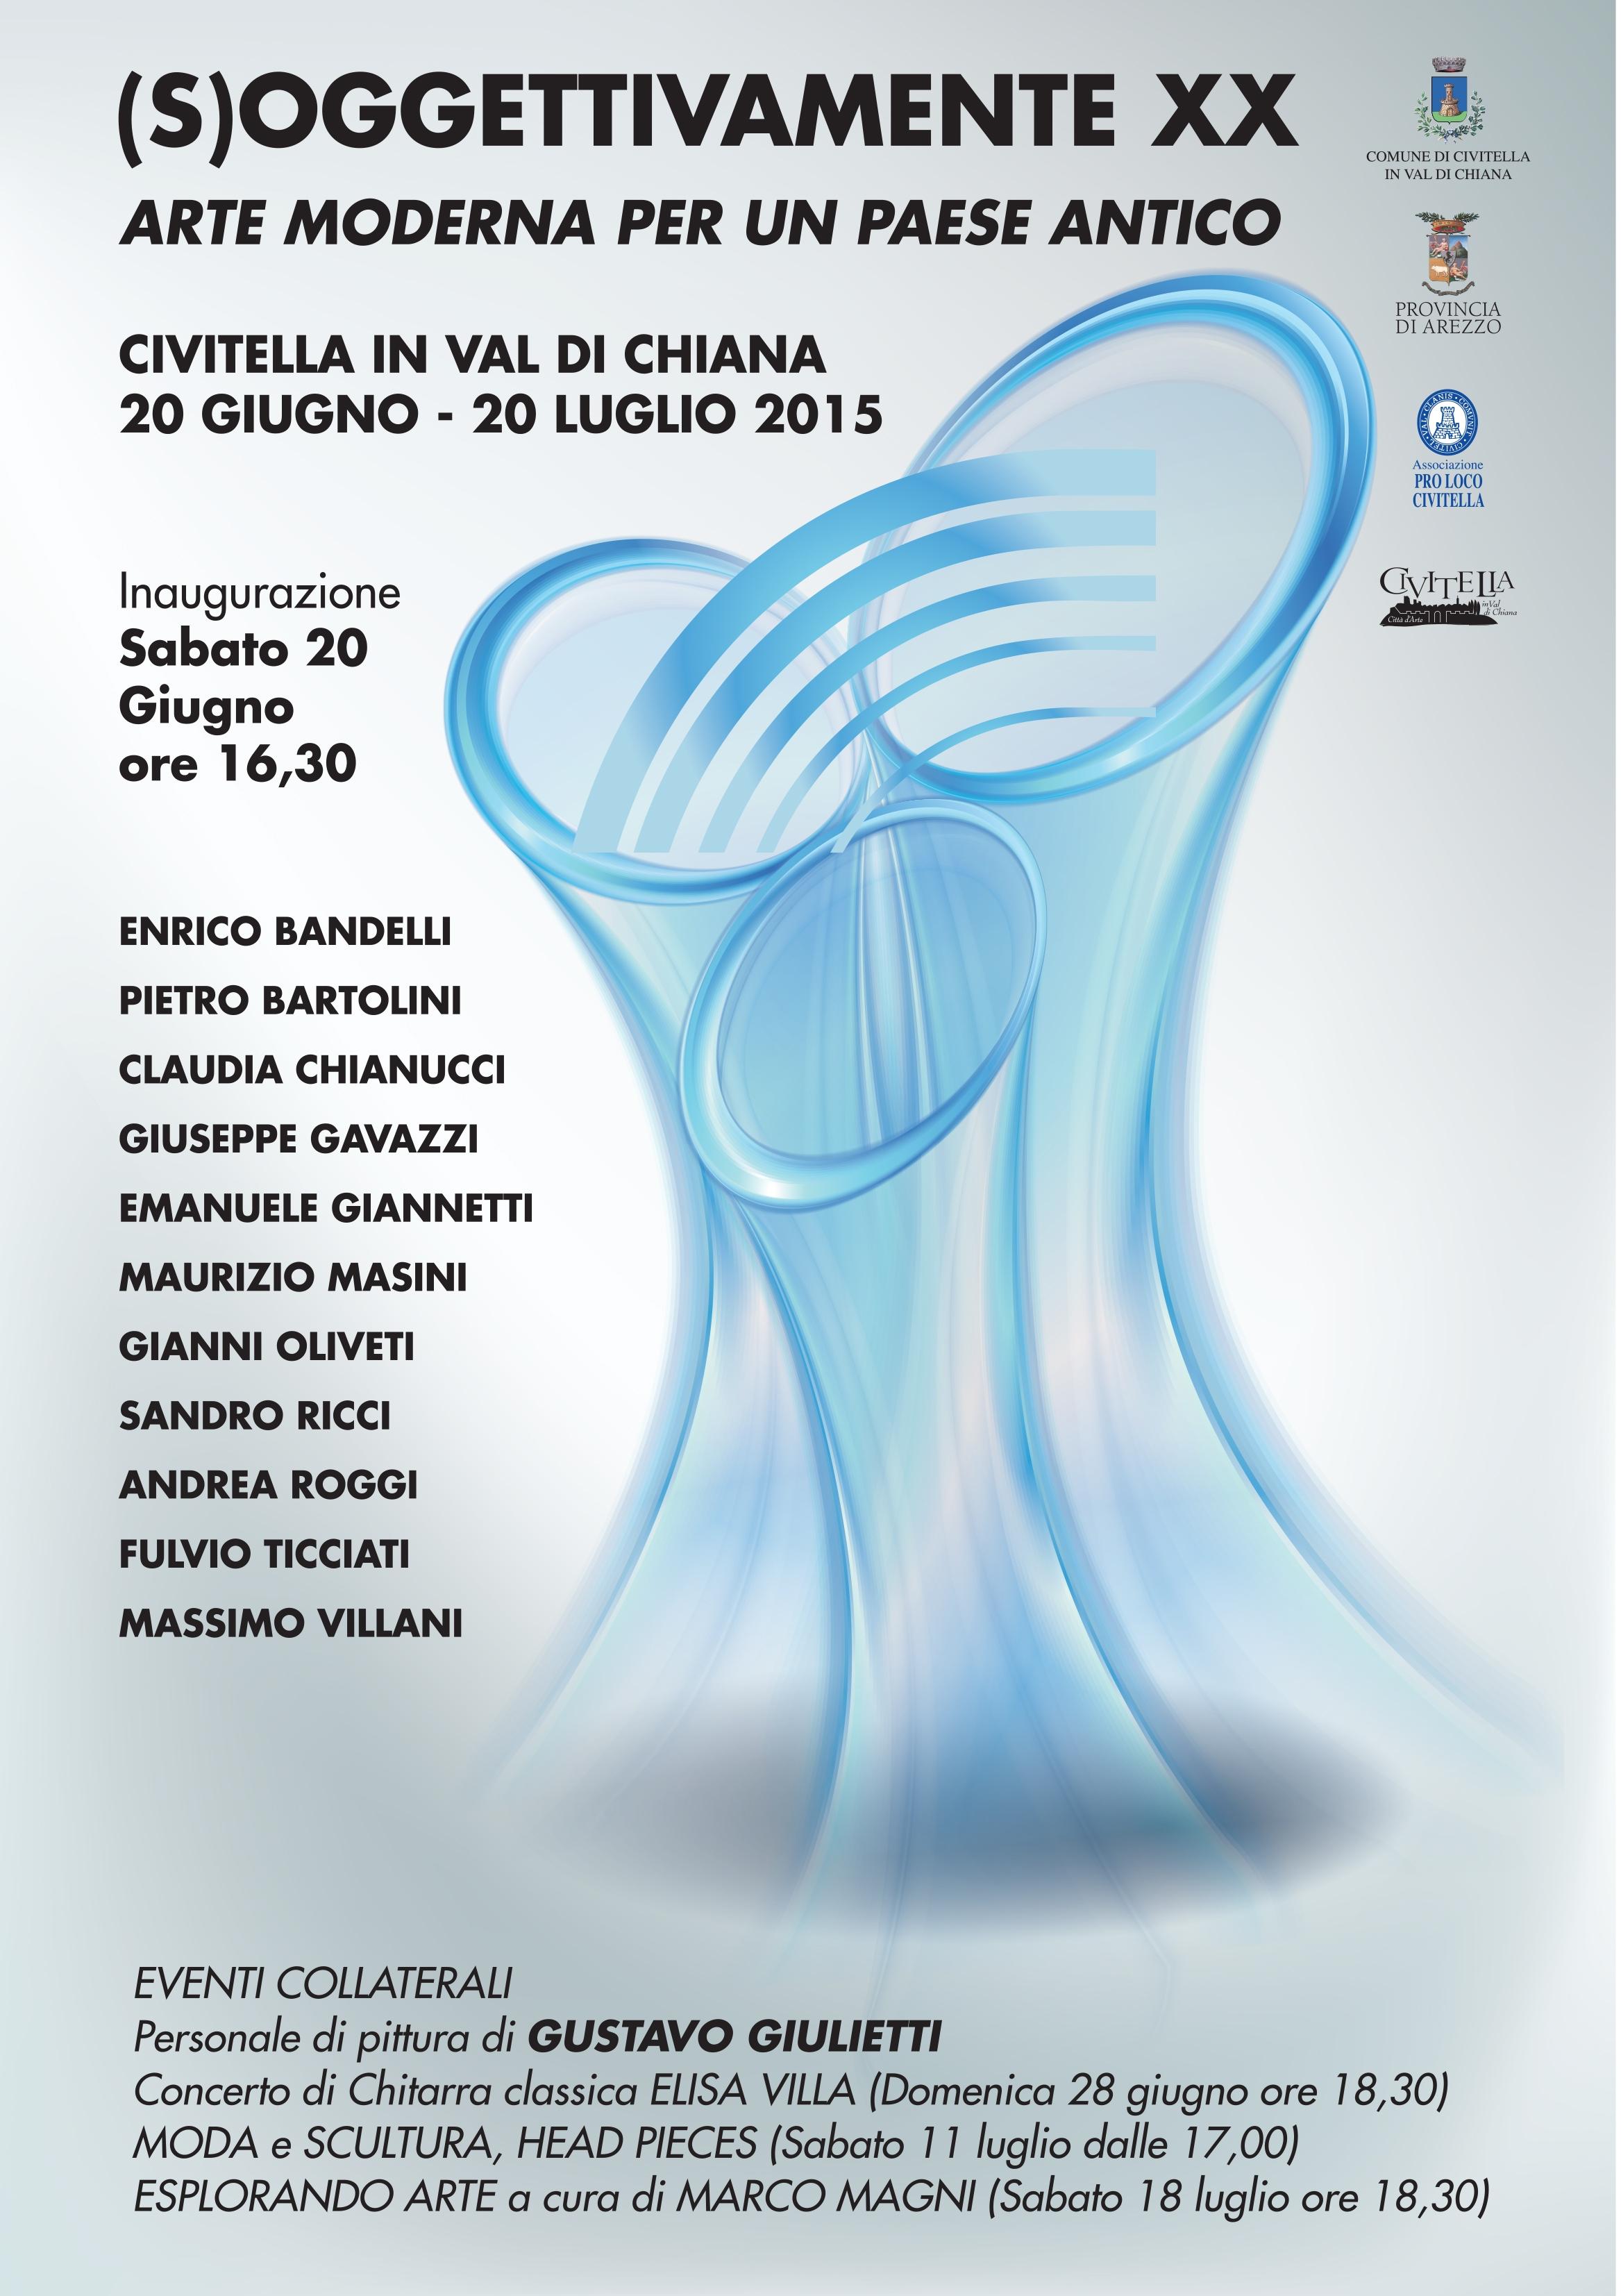 'Biennale di Scultura' a Civitella